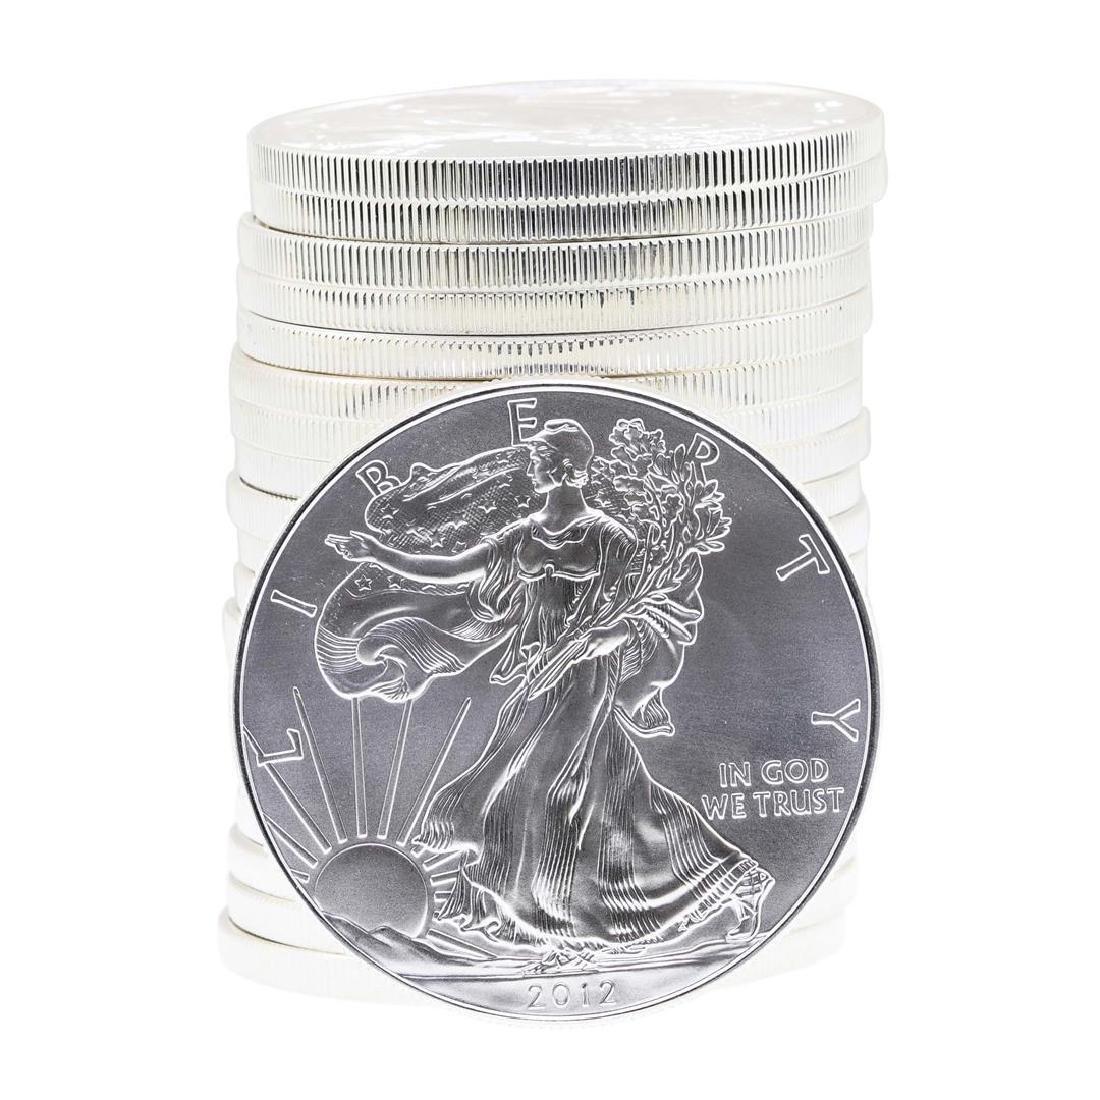 Roll of (20) 2012 $1 American Silver Eagle Brilliant